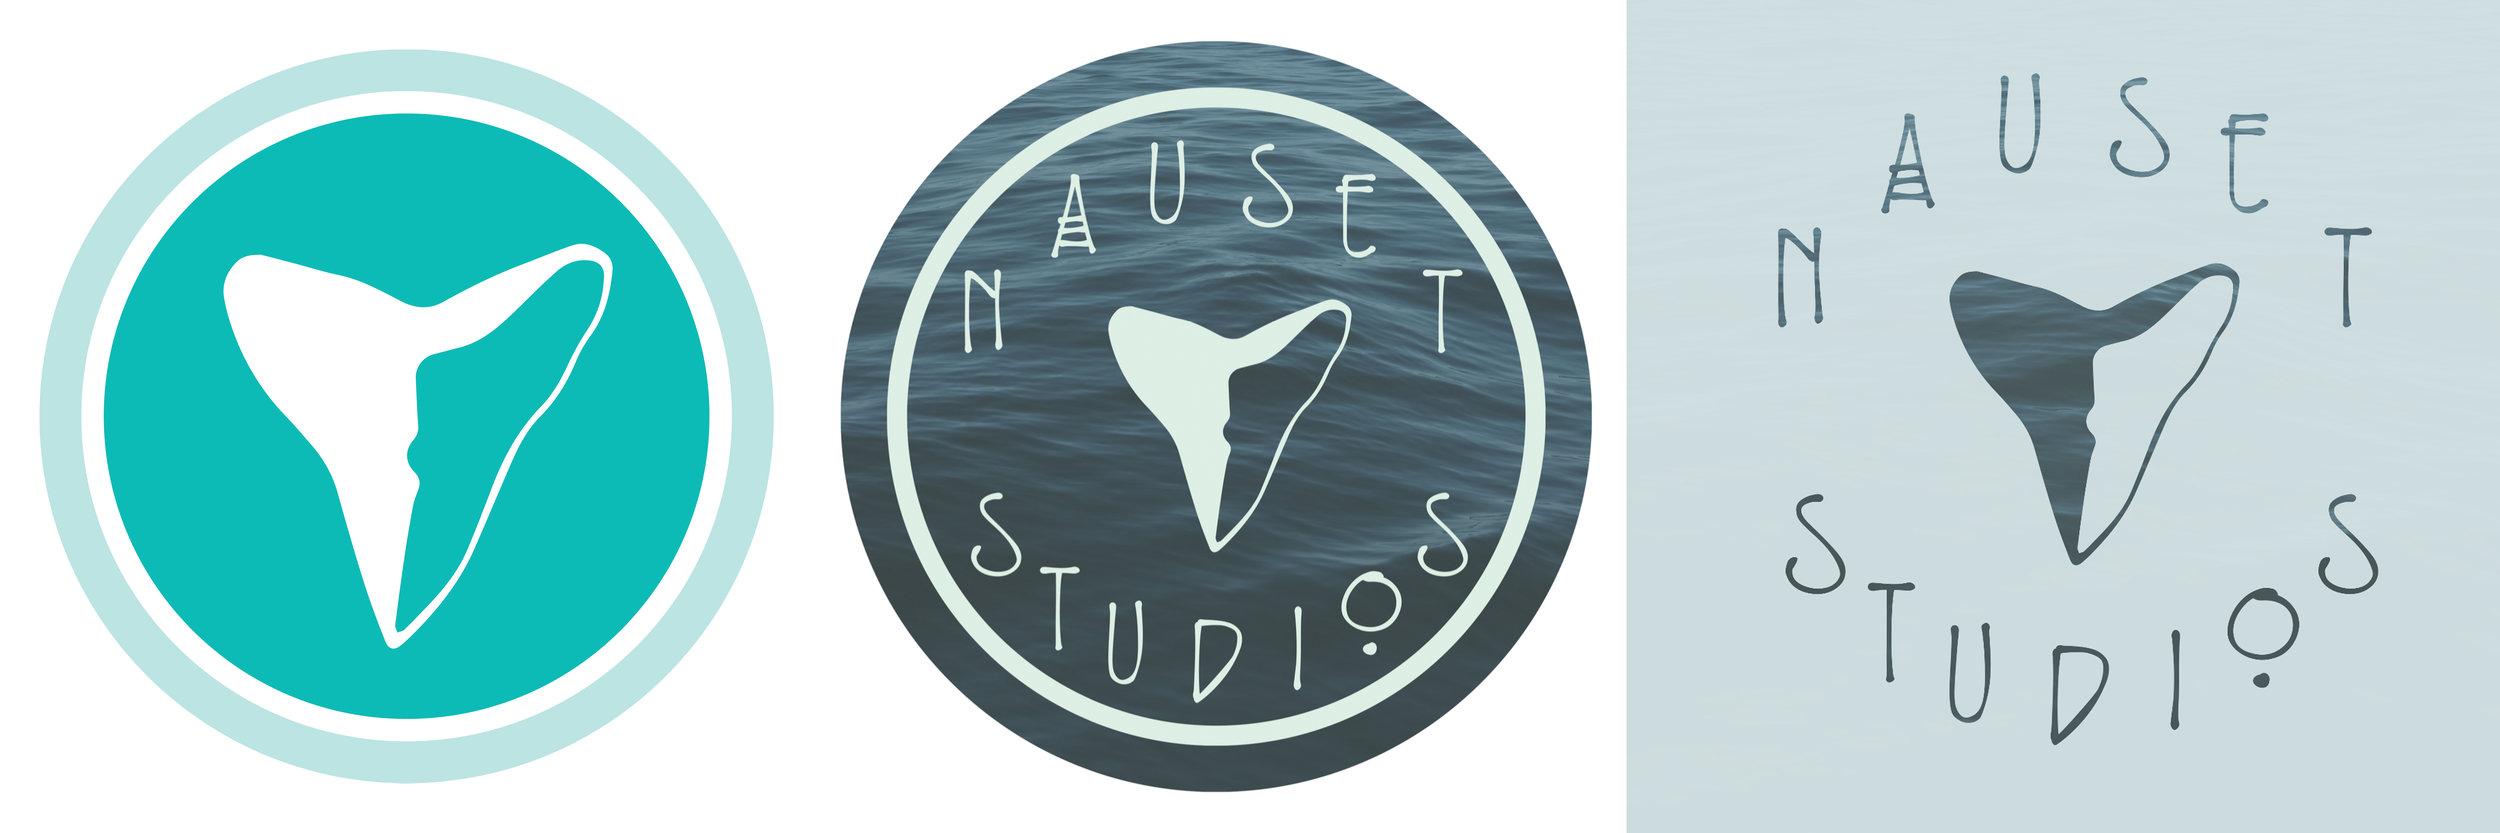 logo-combined.jpg